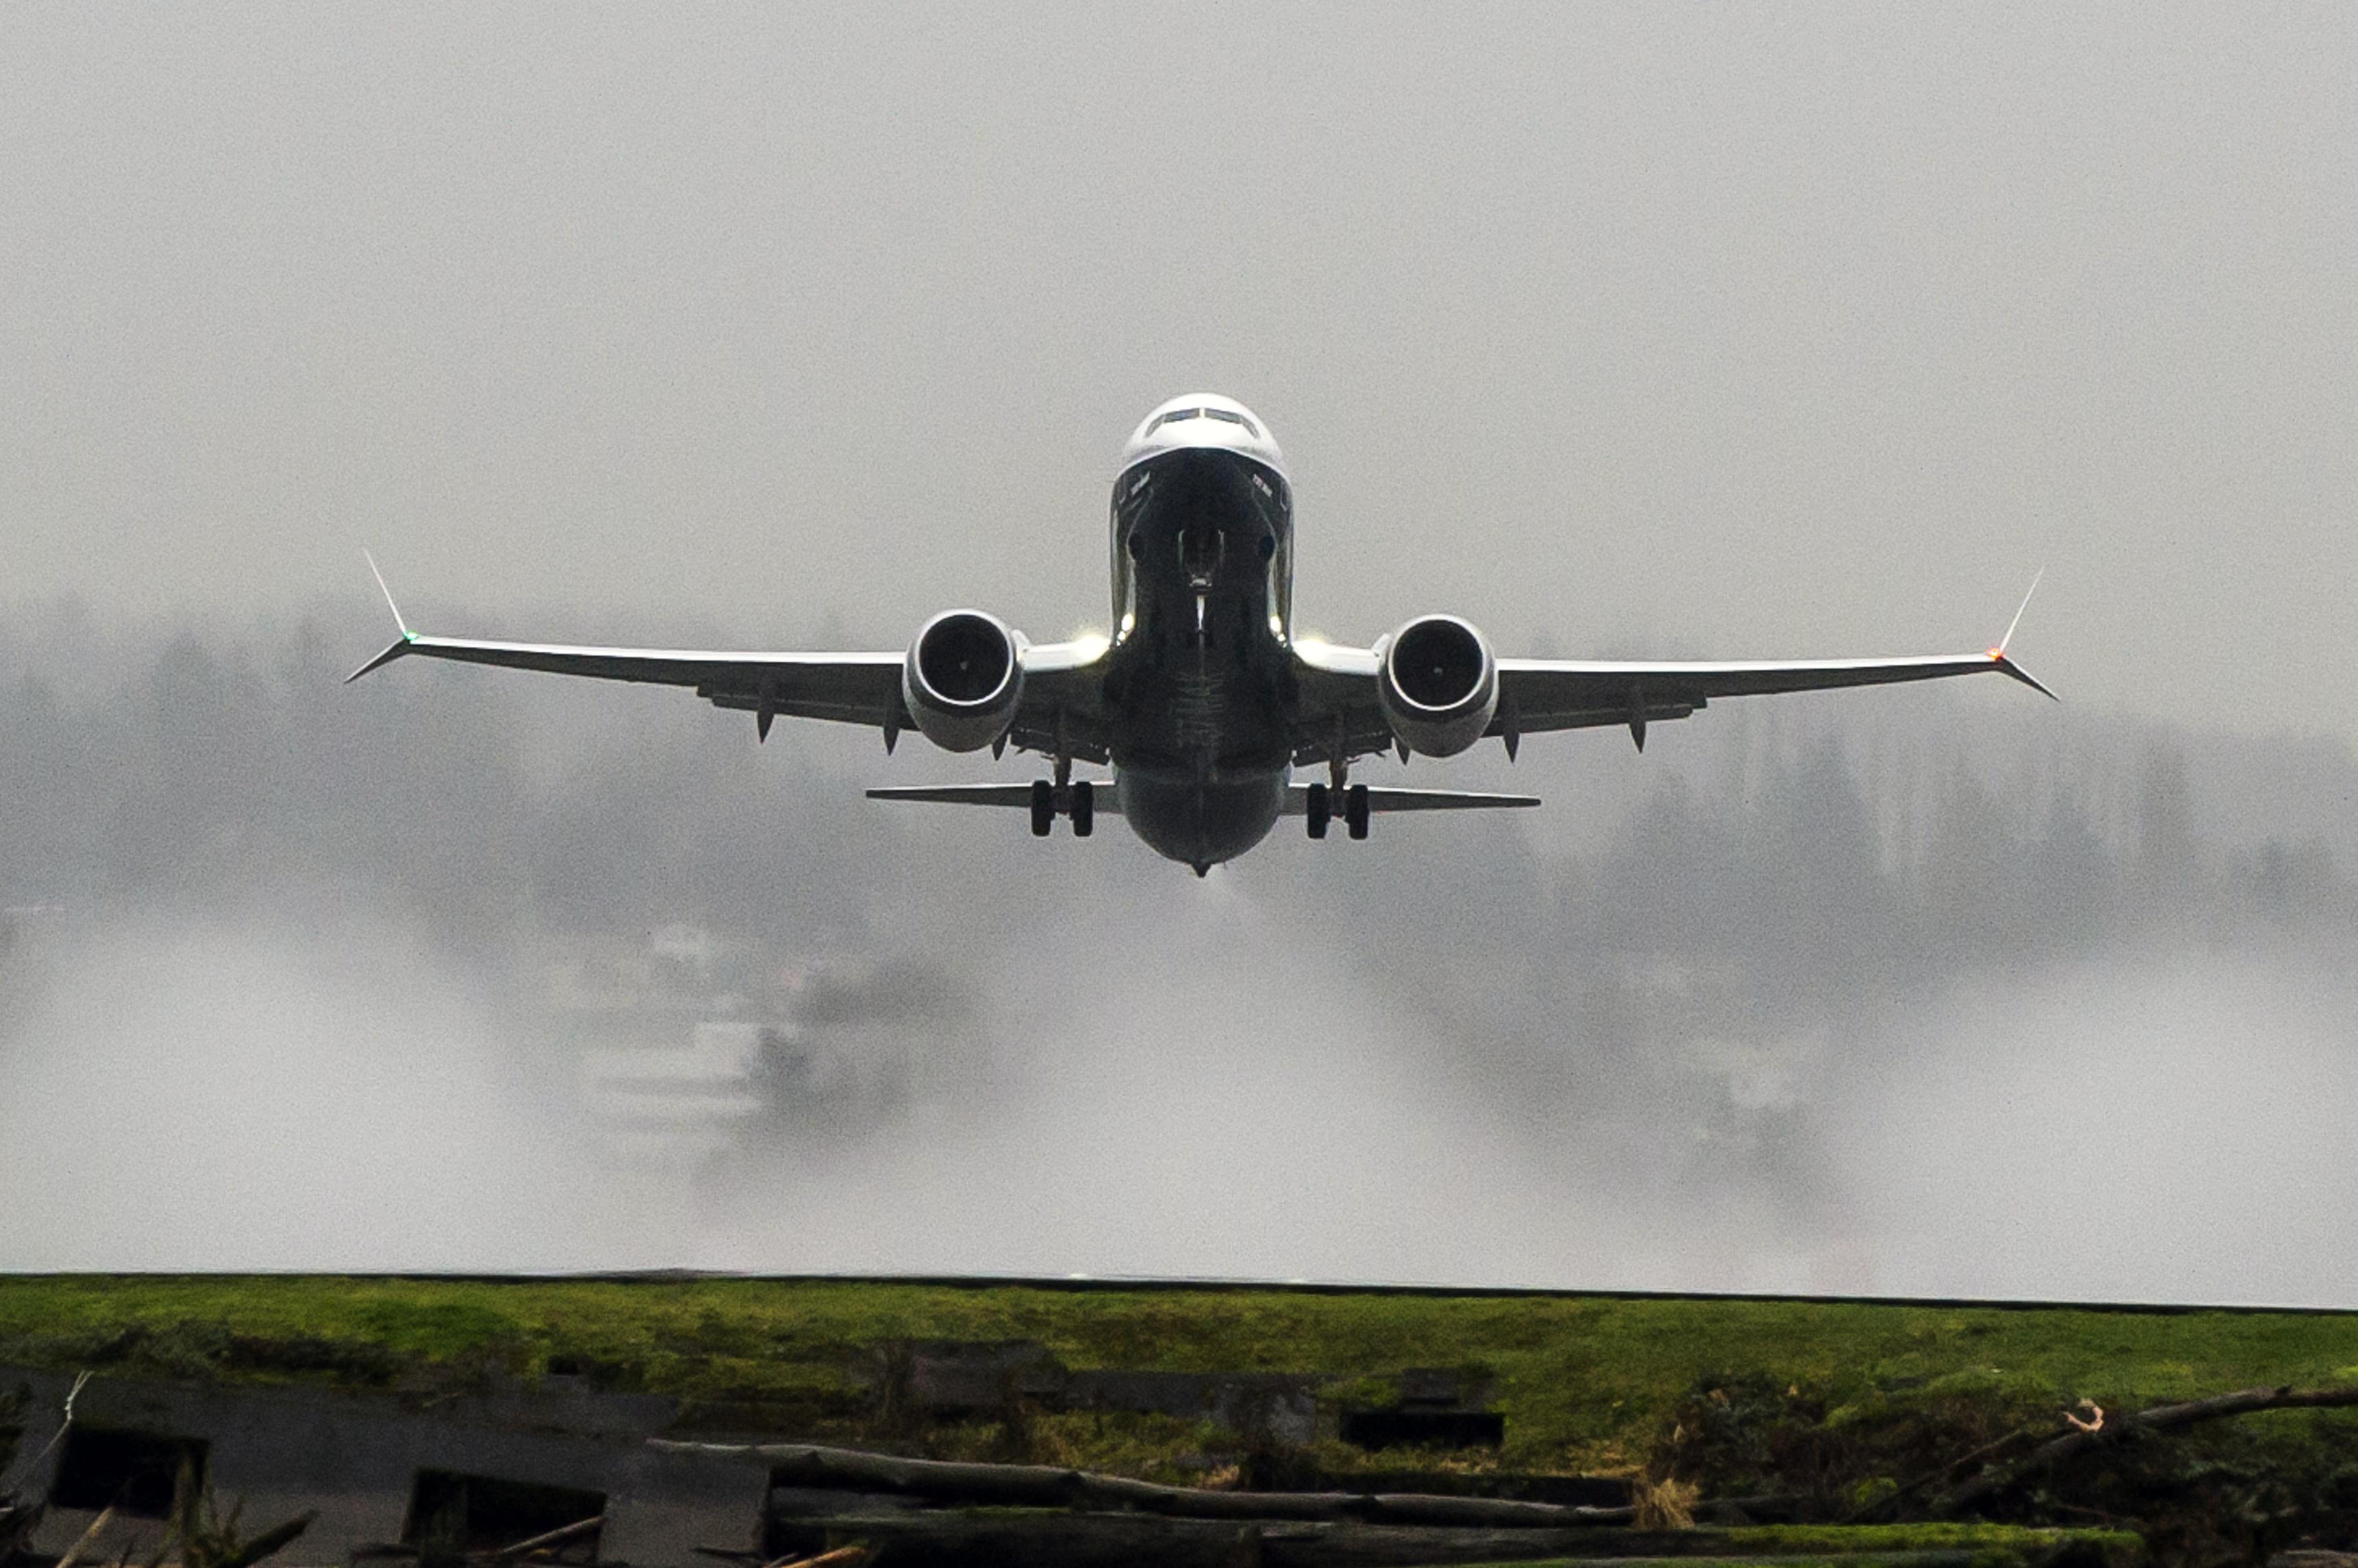 资料图:波音737 MAX 8。   美国联邦航空局已经认证波音737 MAX 8飞机用于商业运营。波音目前正在进行最后阶段的准备工作,将在未来几月进行737 MAX 8的首次客户交付。   为了让737 MAX 8获得认证,波音在过一年多的时间里用四架飞机进行了全面的试飞,以及大量地面和实验室测试。经过严格的认证过程,美国联邦航空局向波音公司授予了针对737 MAX 8的型号合格证修订证书,证明飞机设计符合所需的航空规章且安全而可靠。   737 MAX 8是737 MAX家族的第一个成员,是